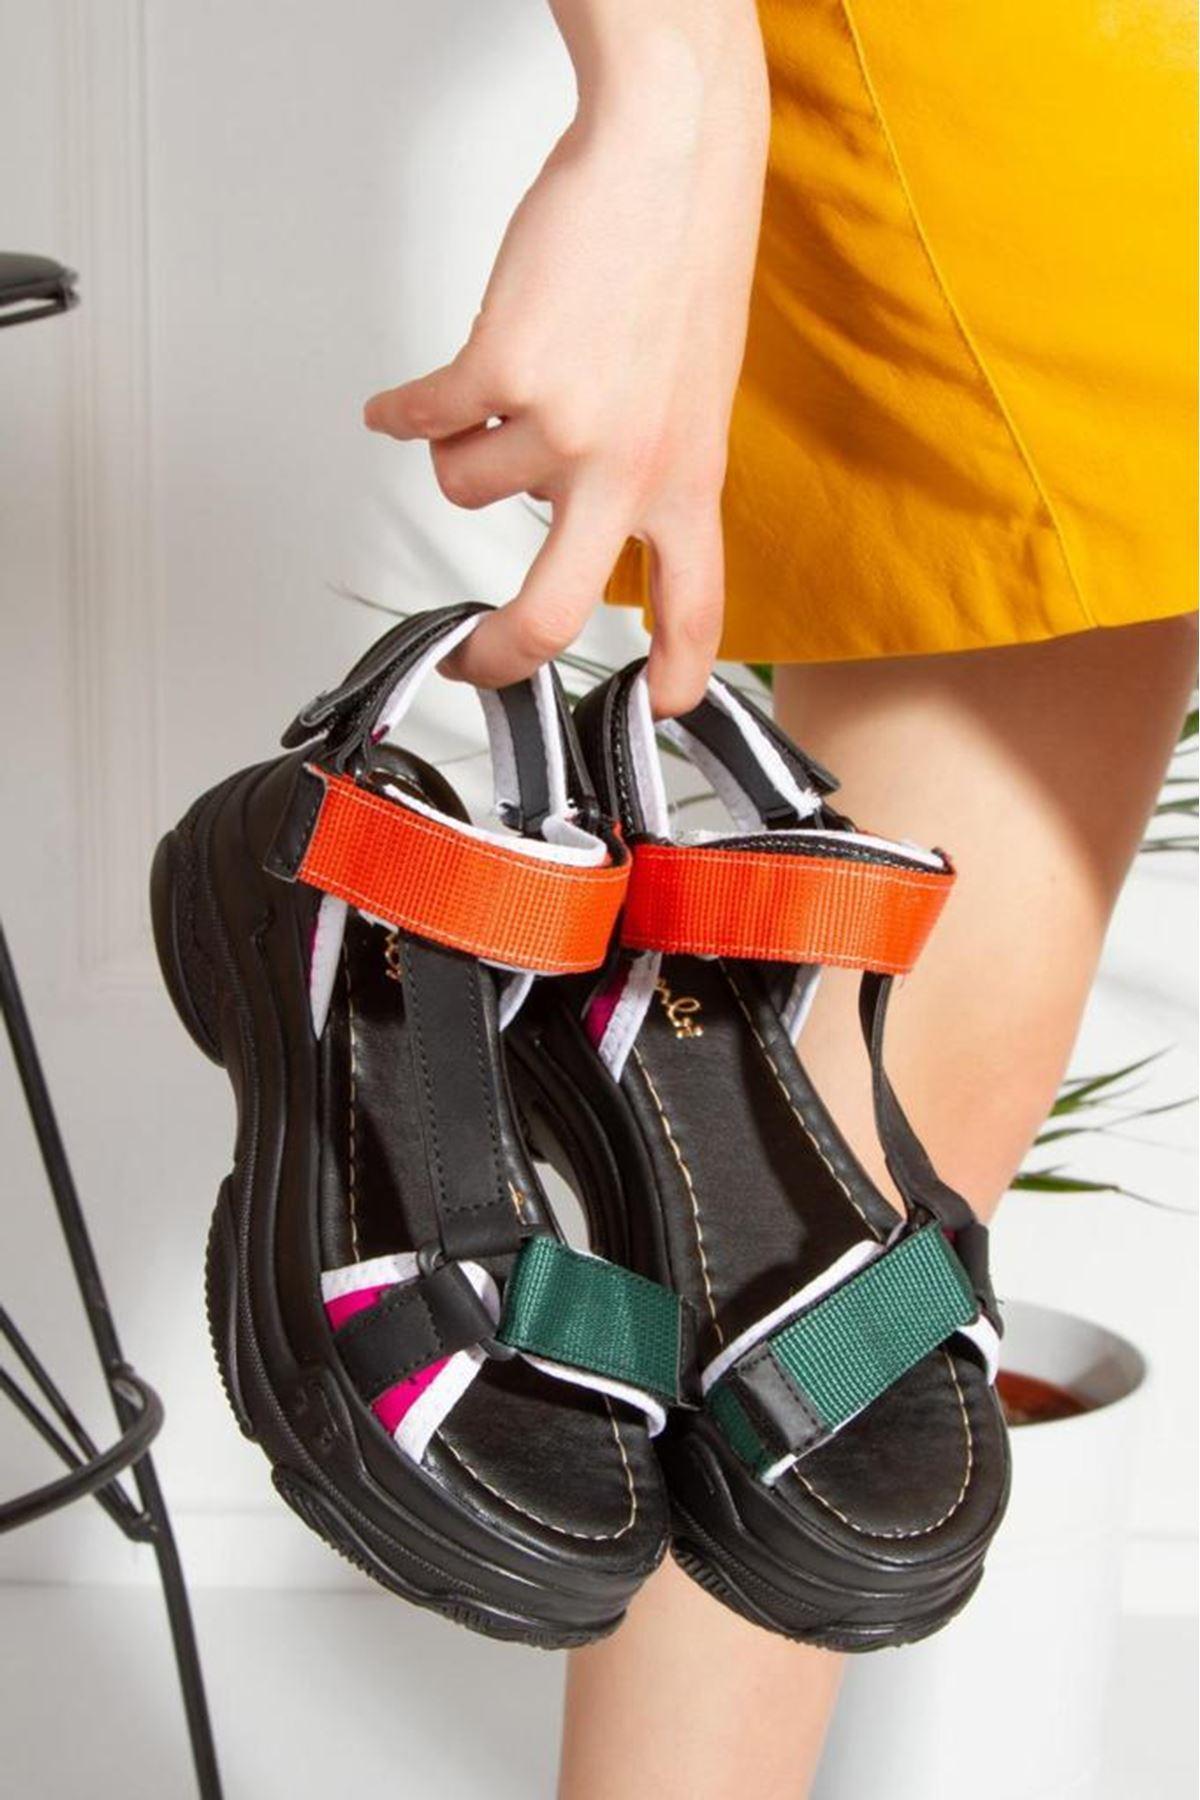 Rafael Dolgu Taban Sandalet Siyah-Turncu-Yeşil